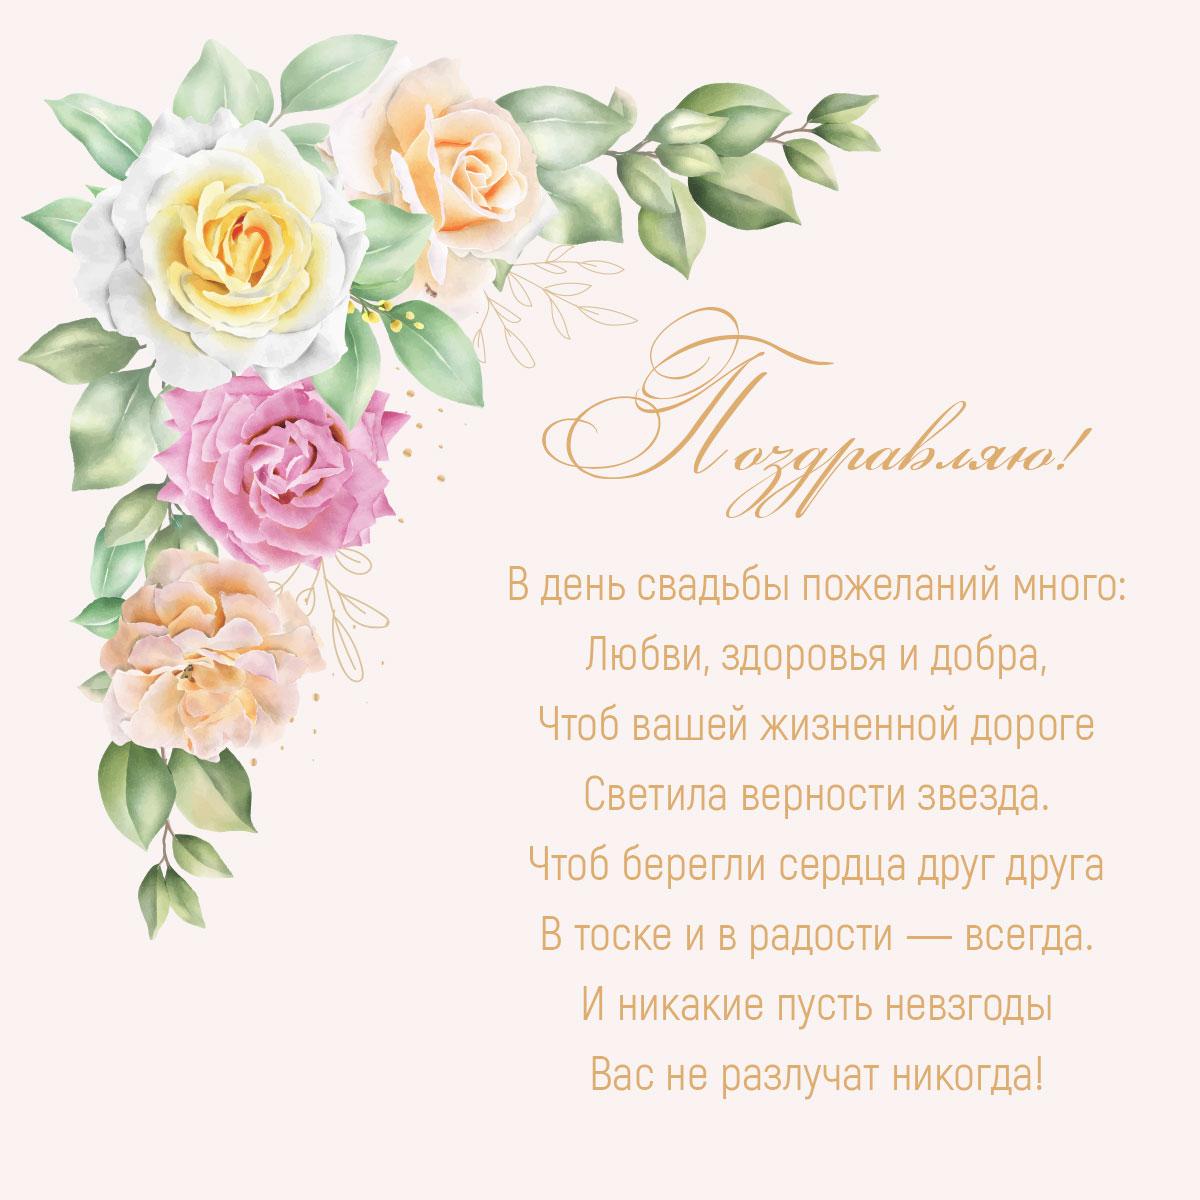 Поздравление в стихах и цветочная композиция из роз.